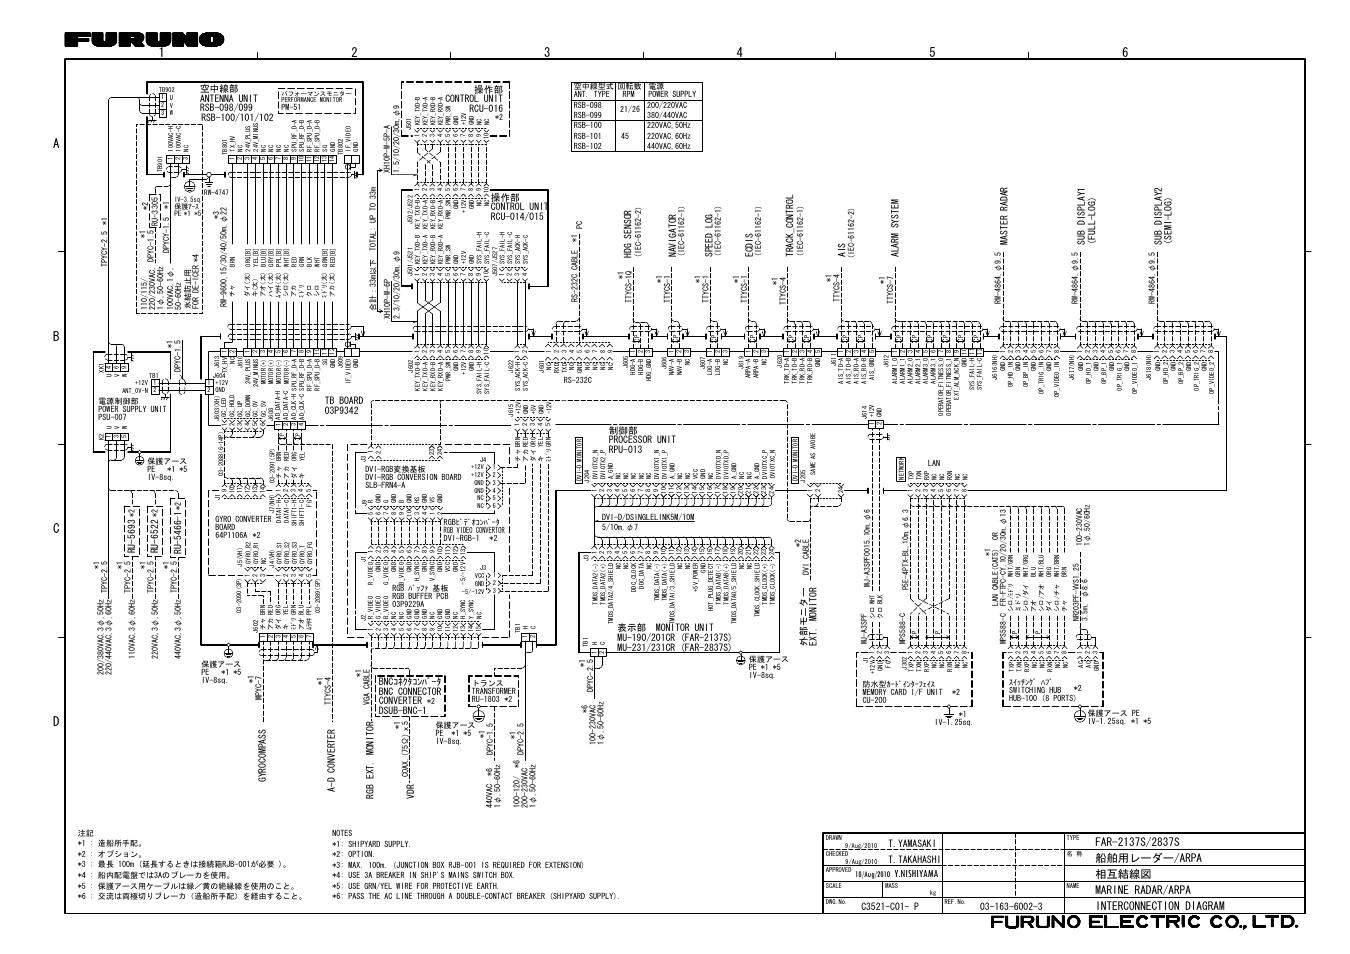 interconnection diagram  y nishiyama  rcu